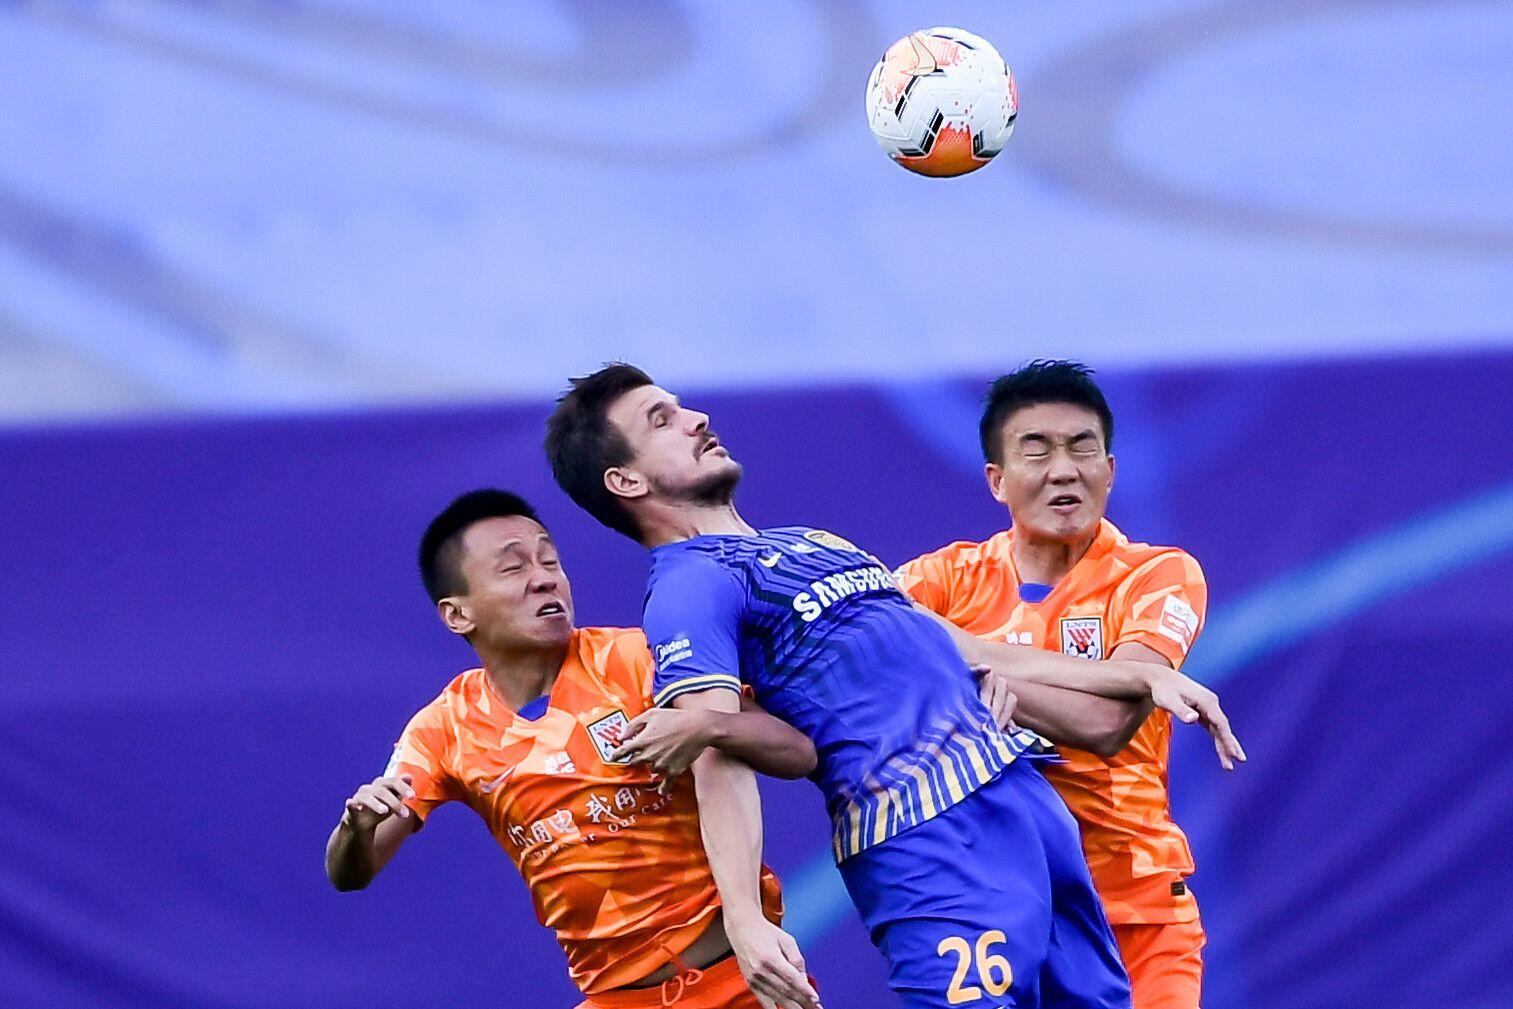 半场:双方进攻疲软谢鹏飞射门后伤退,苏宁0-0鲁能